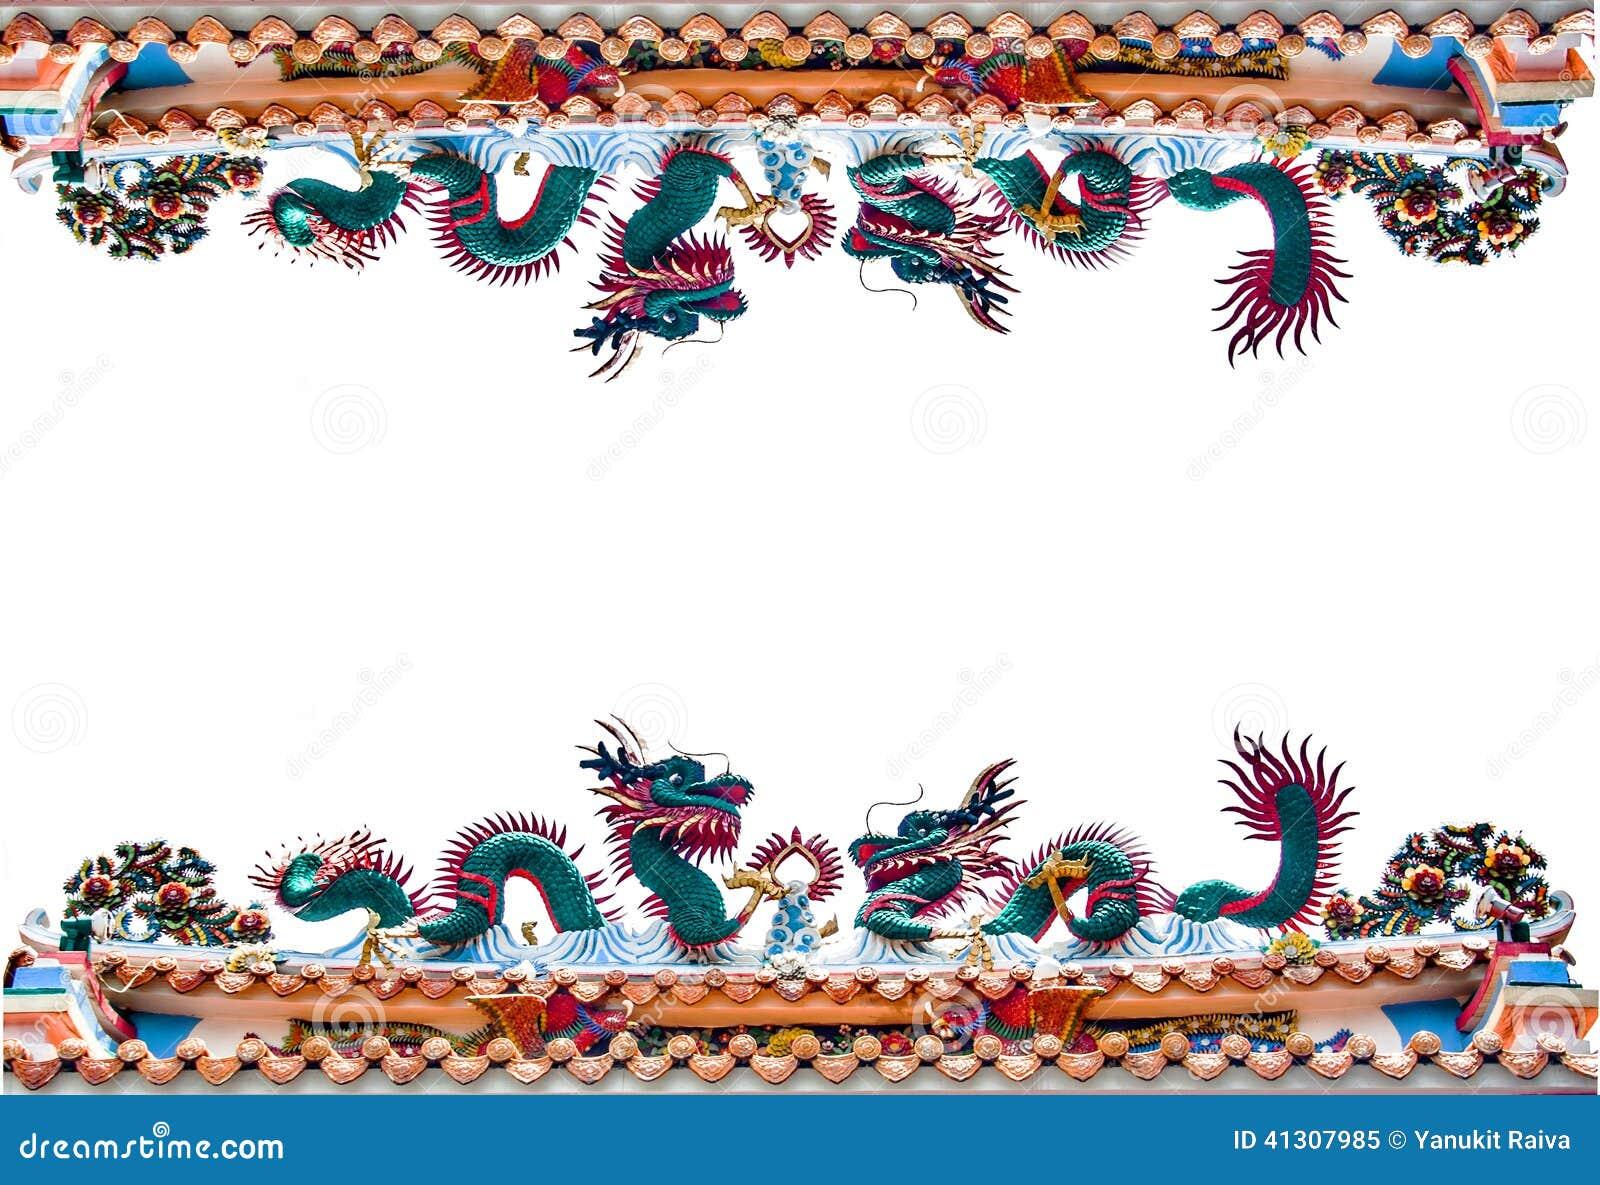 Figura Del Architexture Del Dragón De La Frontera Imagen de archivo ...